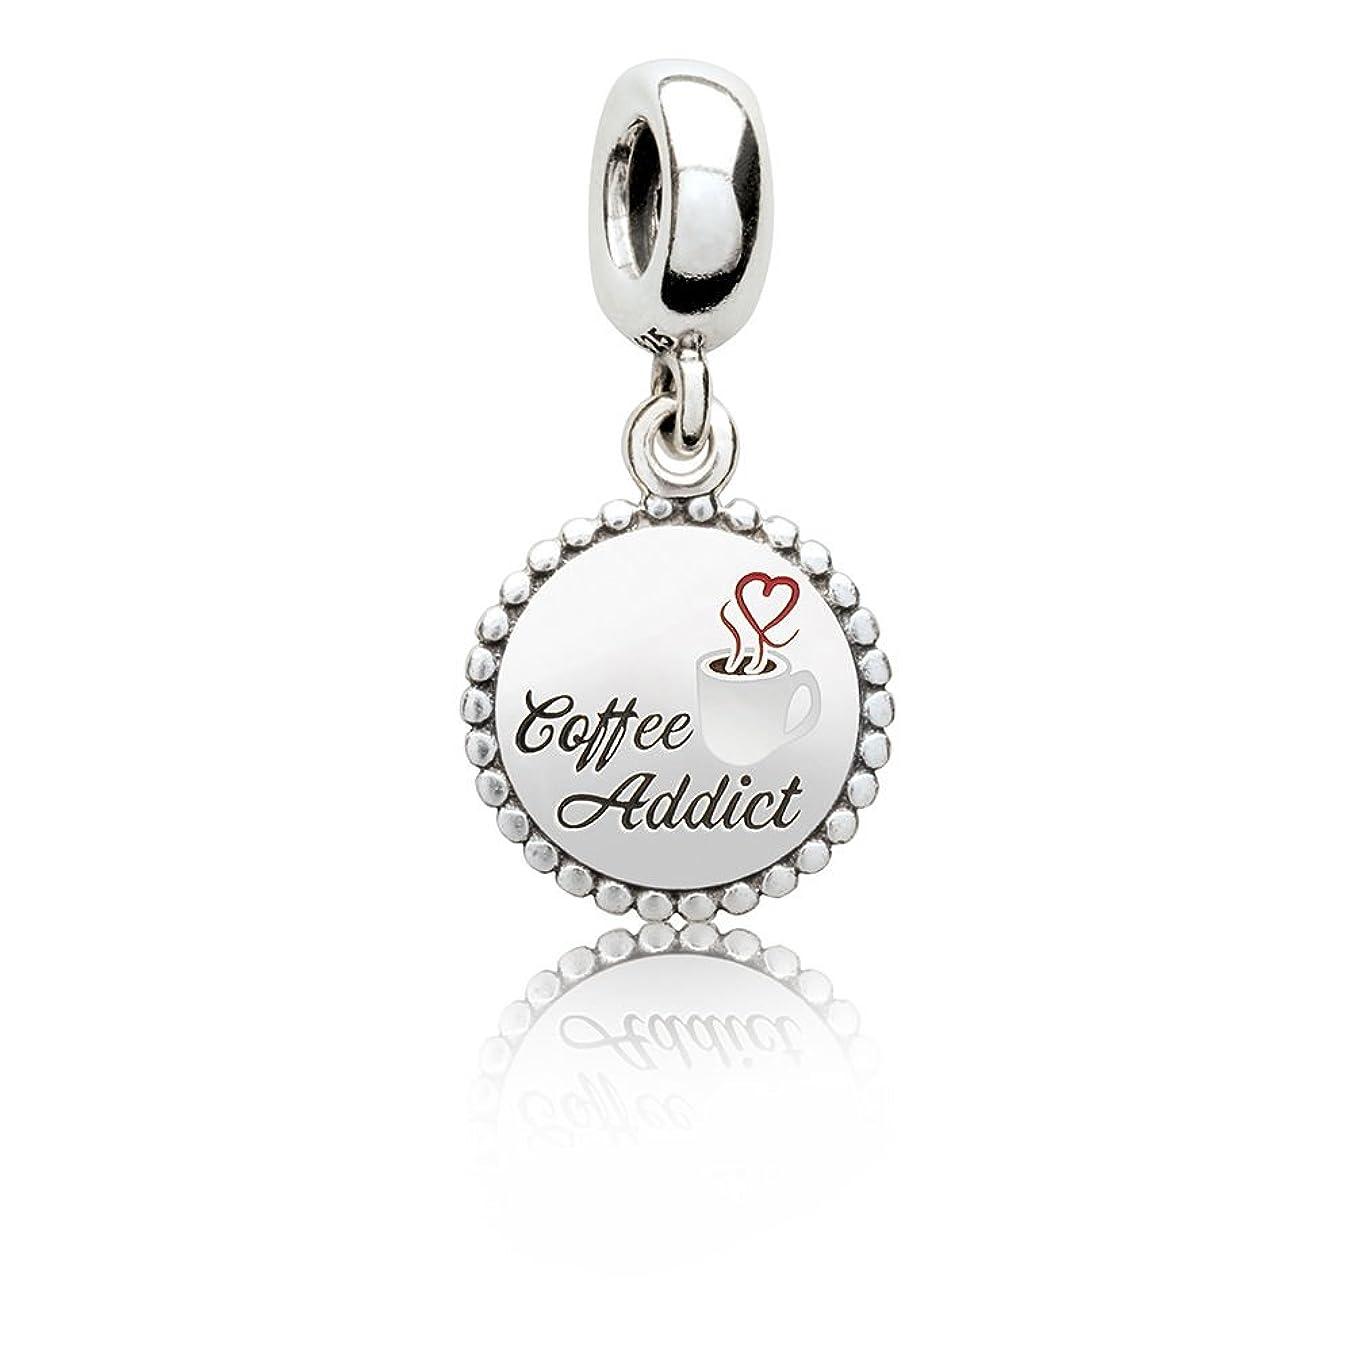 Pandora dangle charm bead Coffee Addict ENG791169_44